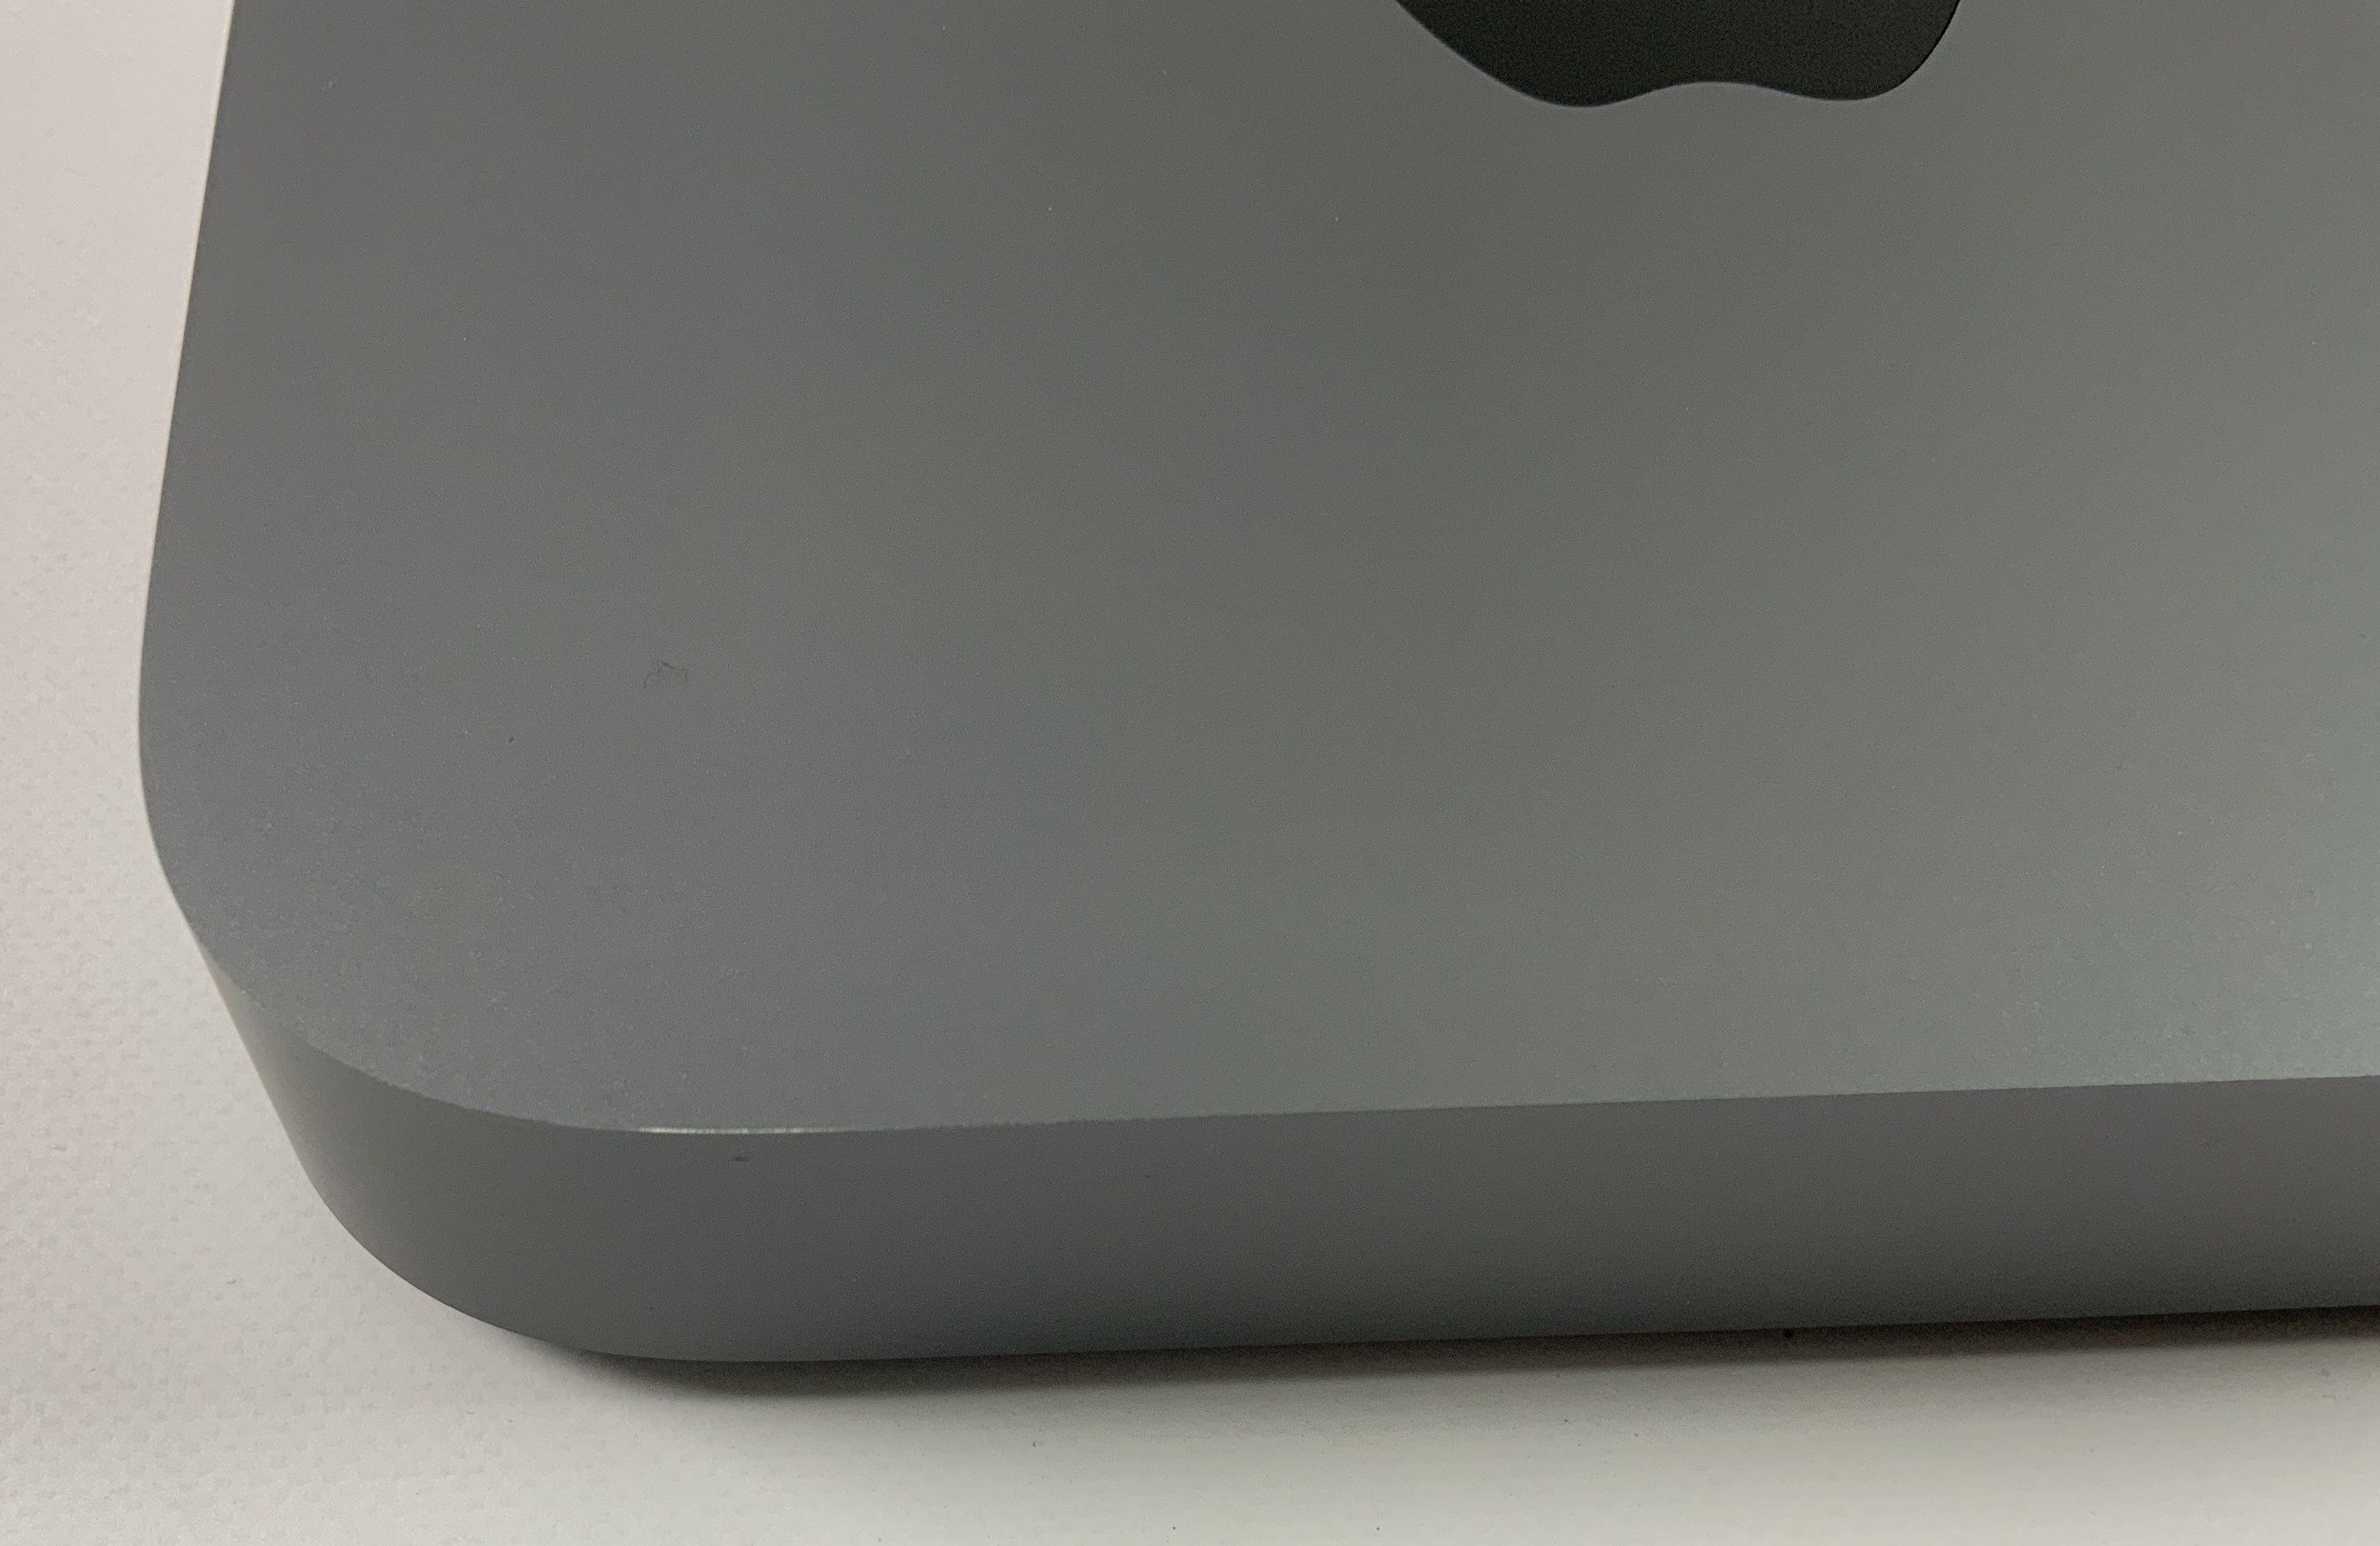 Mac Mini Late 2018 (Intel 6-Core i5 3.0 GHz 8 GB RAM 256 GB SSD), Intel 6-Core i5 3.0 GHz, 8 GB RAM, 256 GB SSD, Afbeelding 3